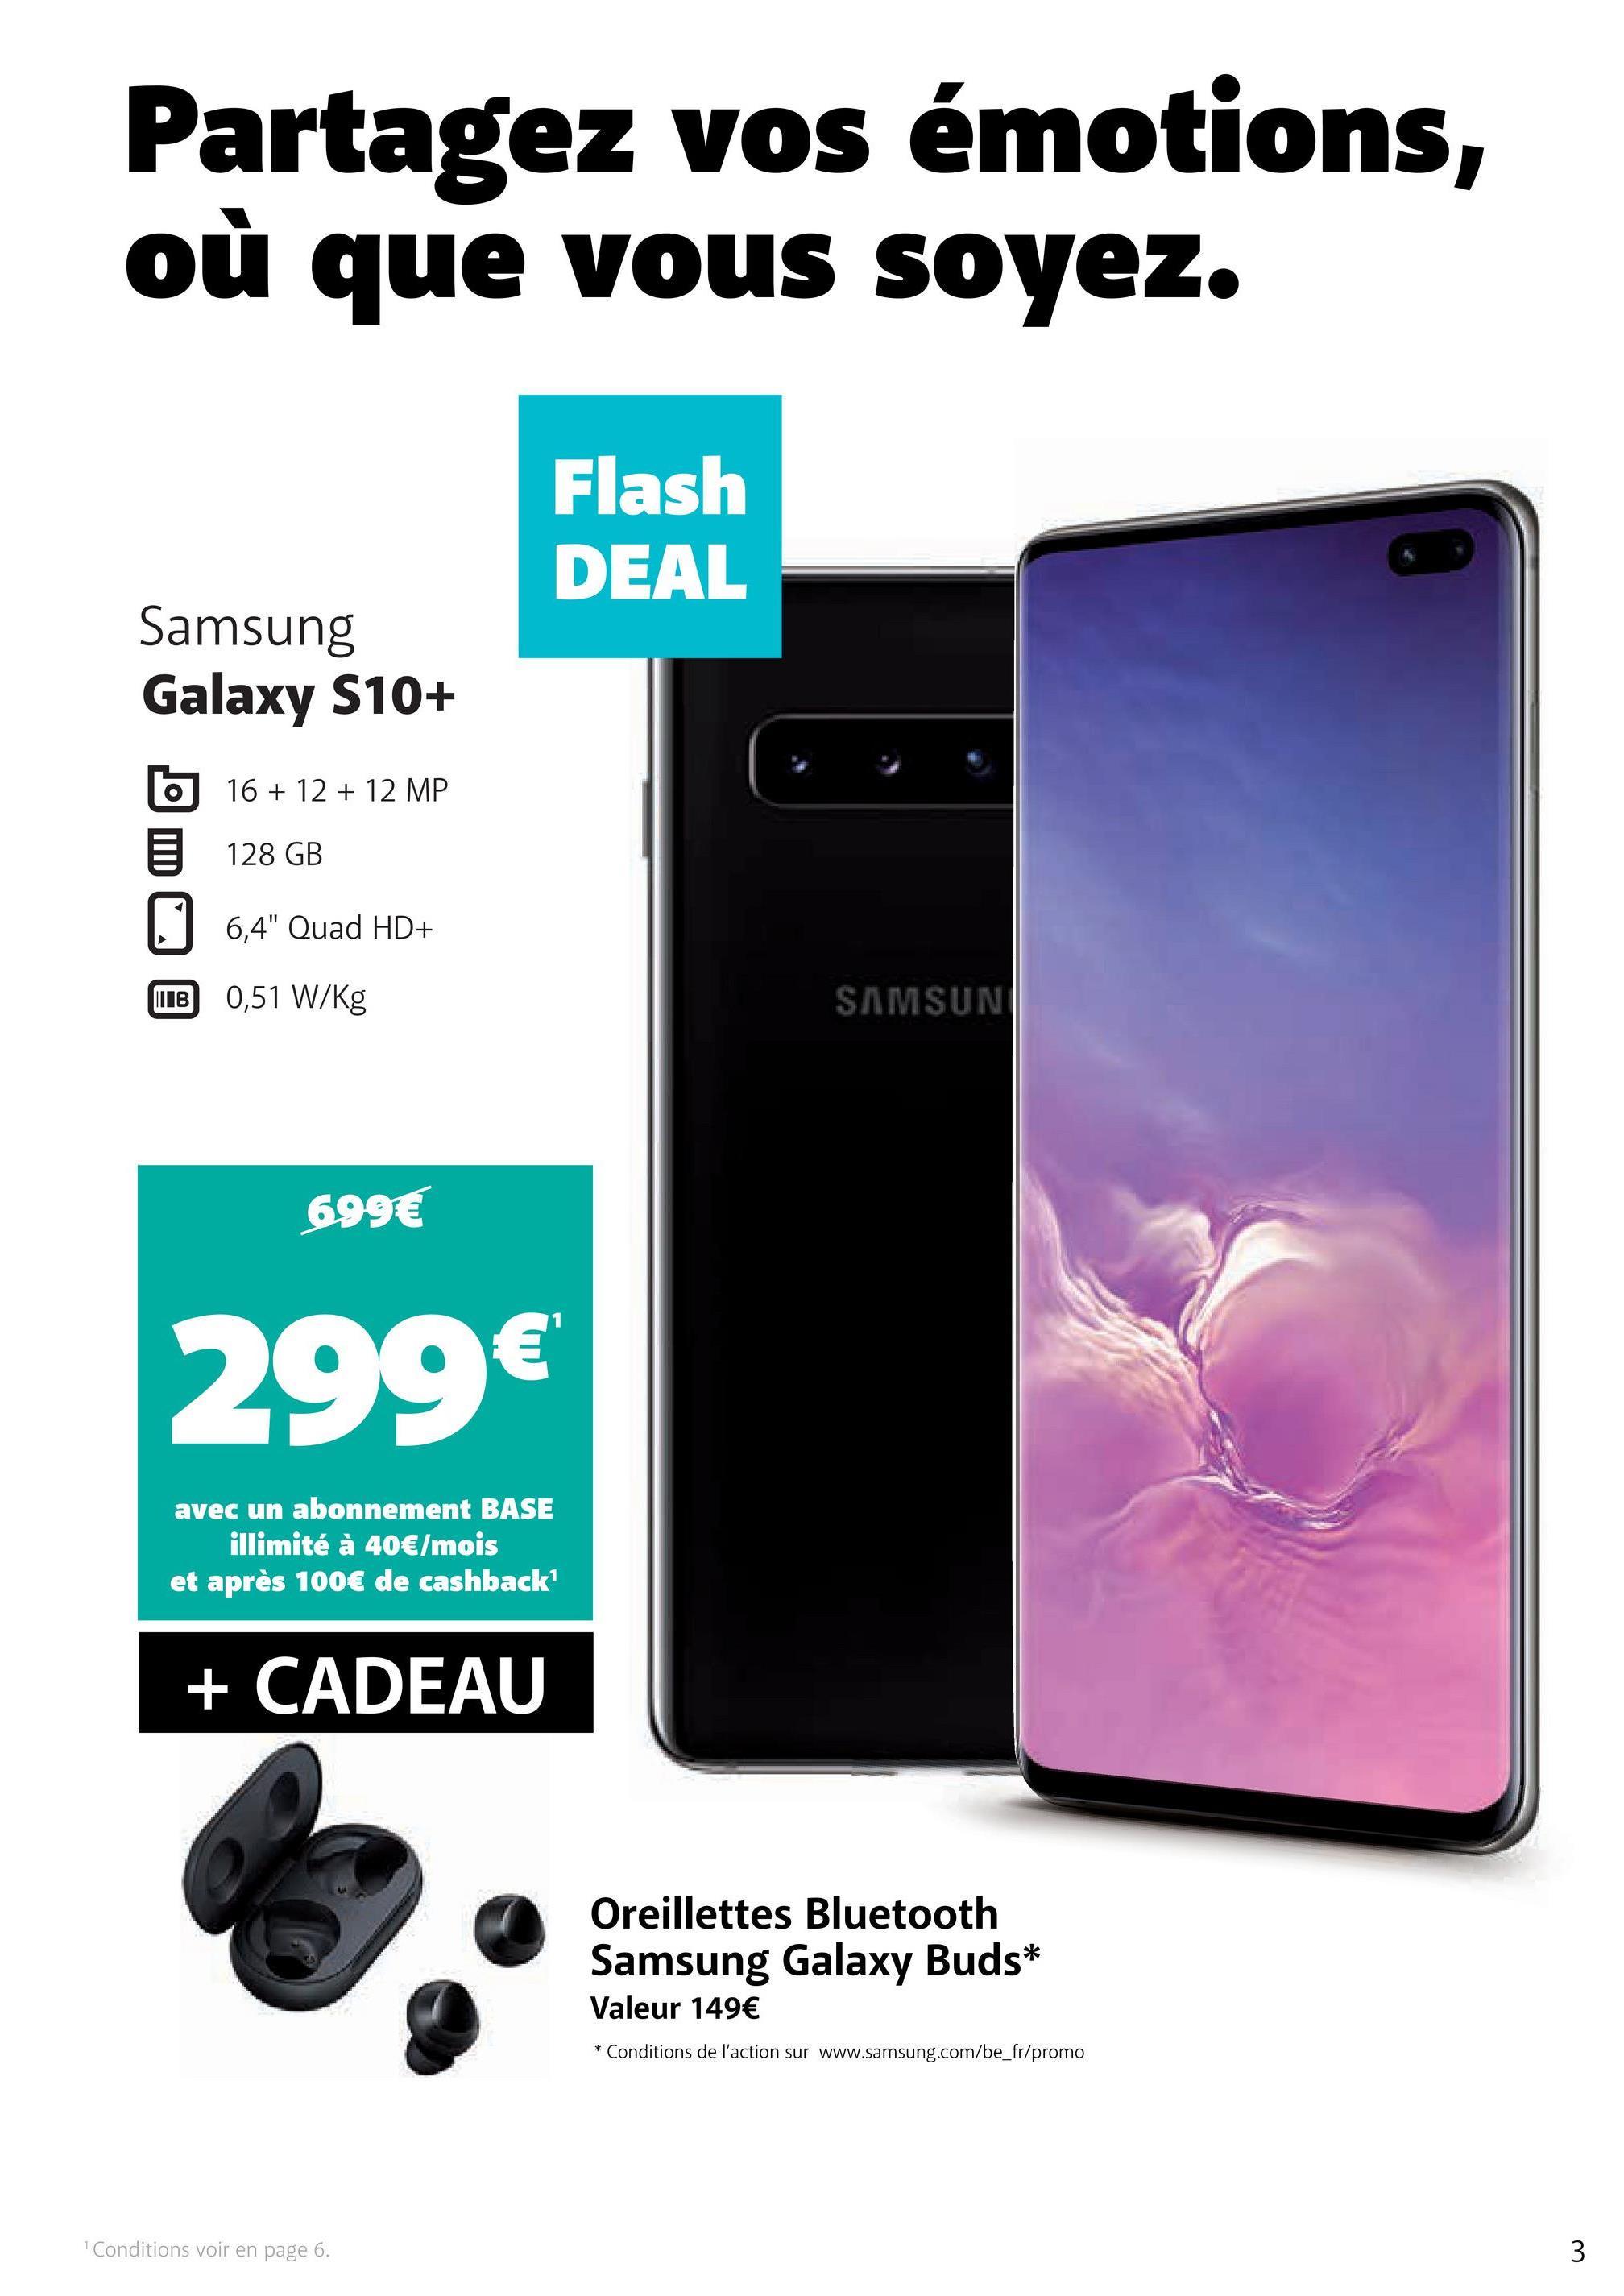 """Partagez vos émotions où que vous soyez. Flash DEAL Samsung Galaxy S10+ o 16 + 12 + 12 MP 128 GB 6,4"""" Quad HD+ WIB 0,51 W/kg SAMSUN 699€ 299€ avec un abonnement BASE illimité à 40€/mois et après 100€ de cashback' + CADEAU Oreillettes Bluetooth Samsung Galaxy Buds* Valeur 149€ * Conditions de l'action sur www.samsung.com/be_fr/promo Conditions voir en page 6. 3"""